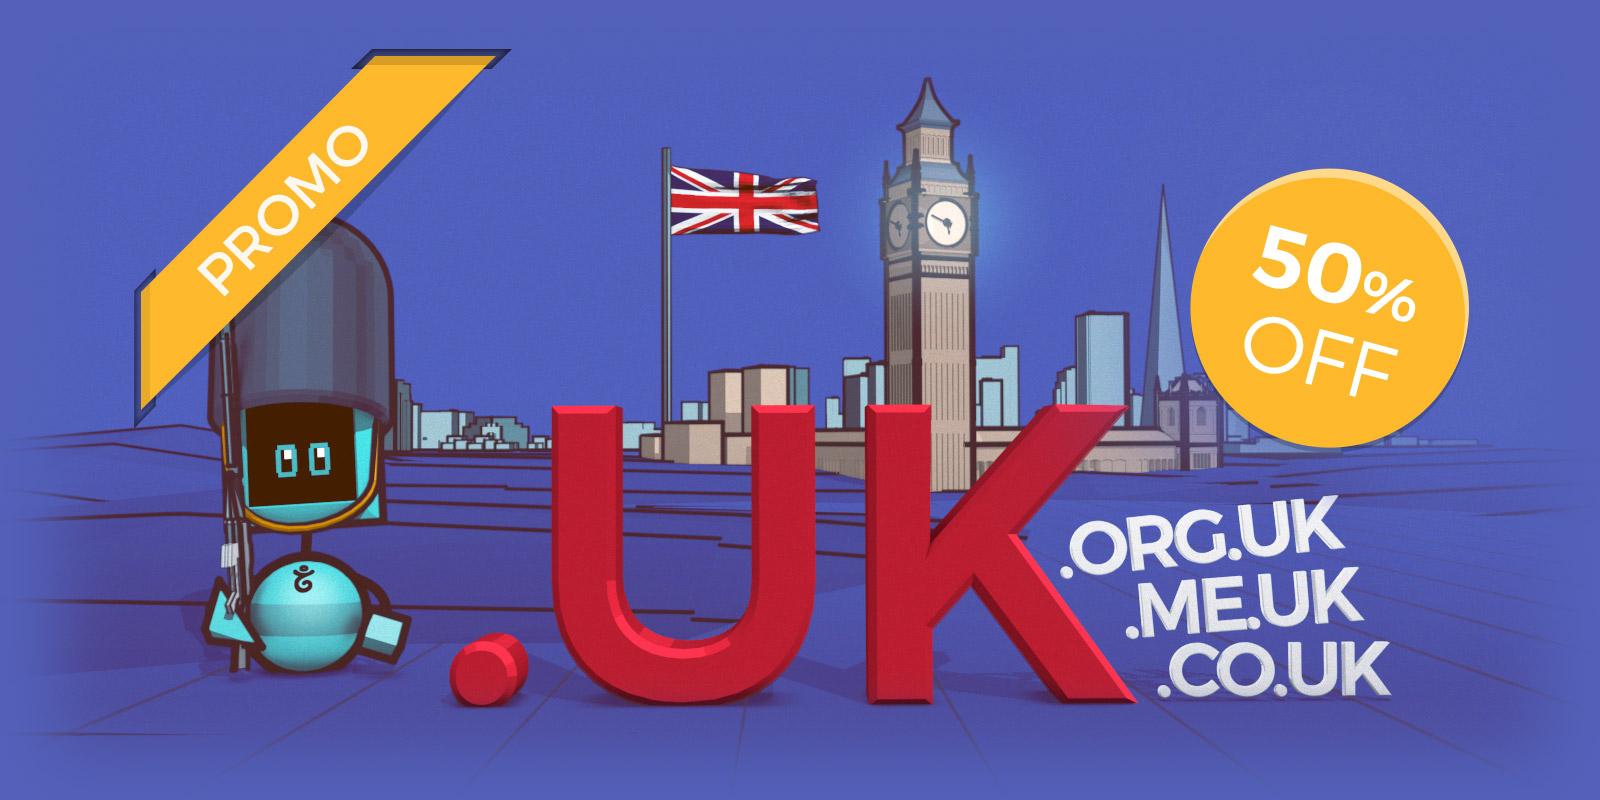 UK domains of every colour: .uk, .co.uk, .org.uk, .me.uk